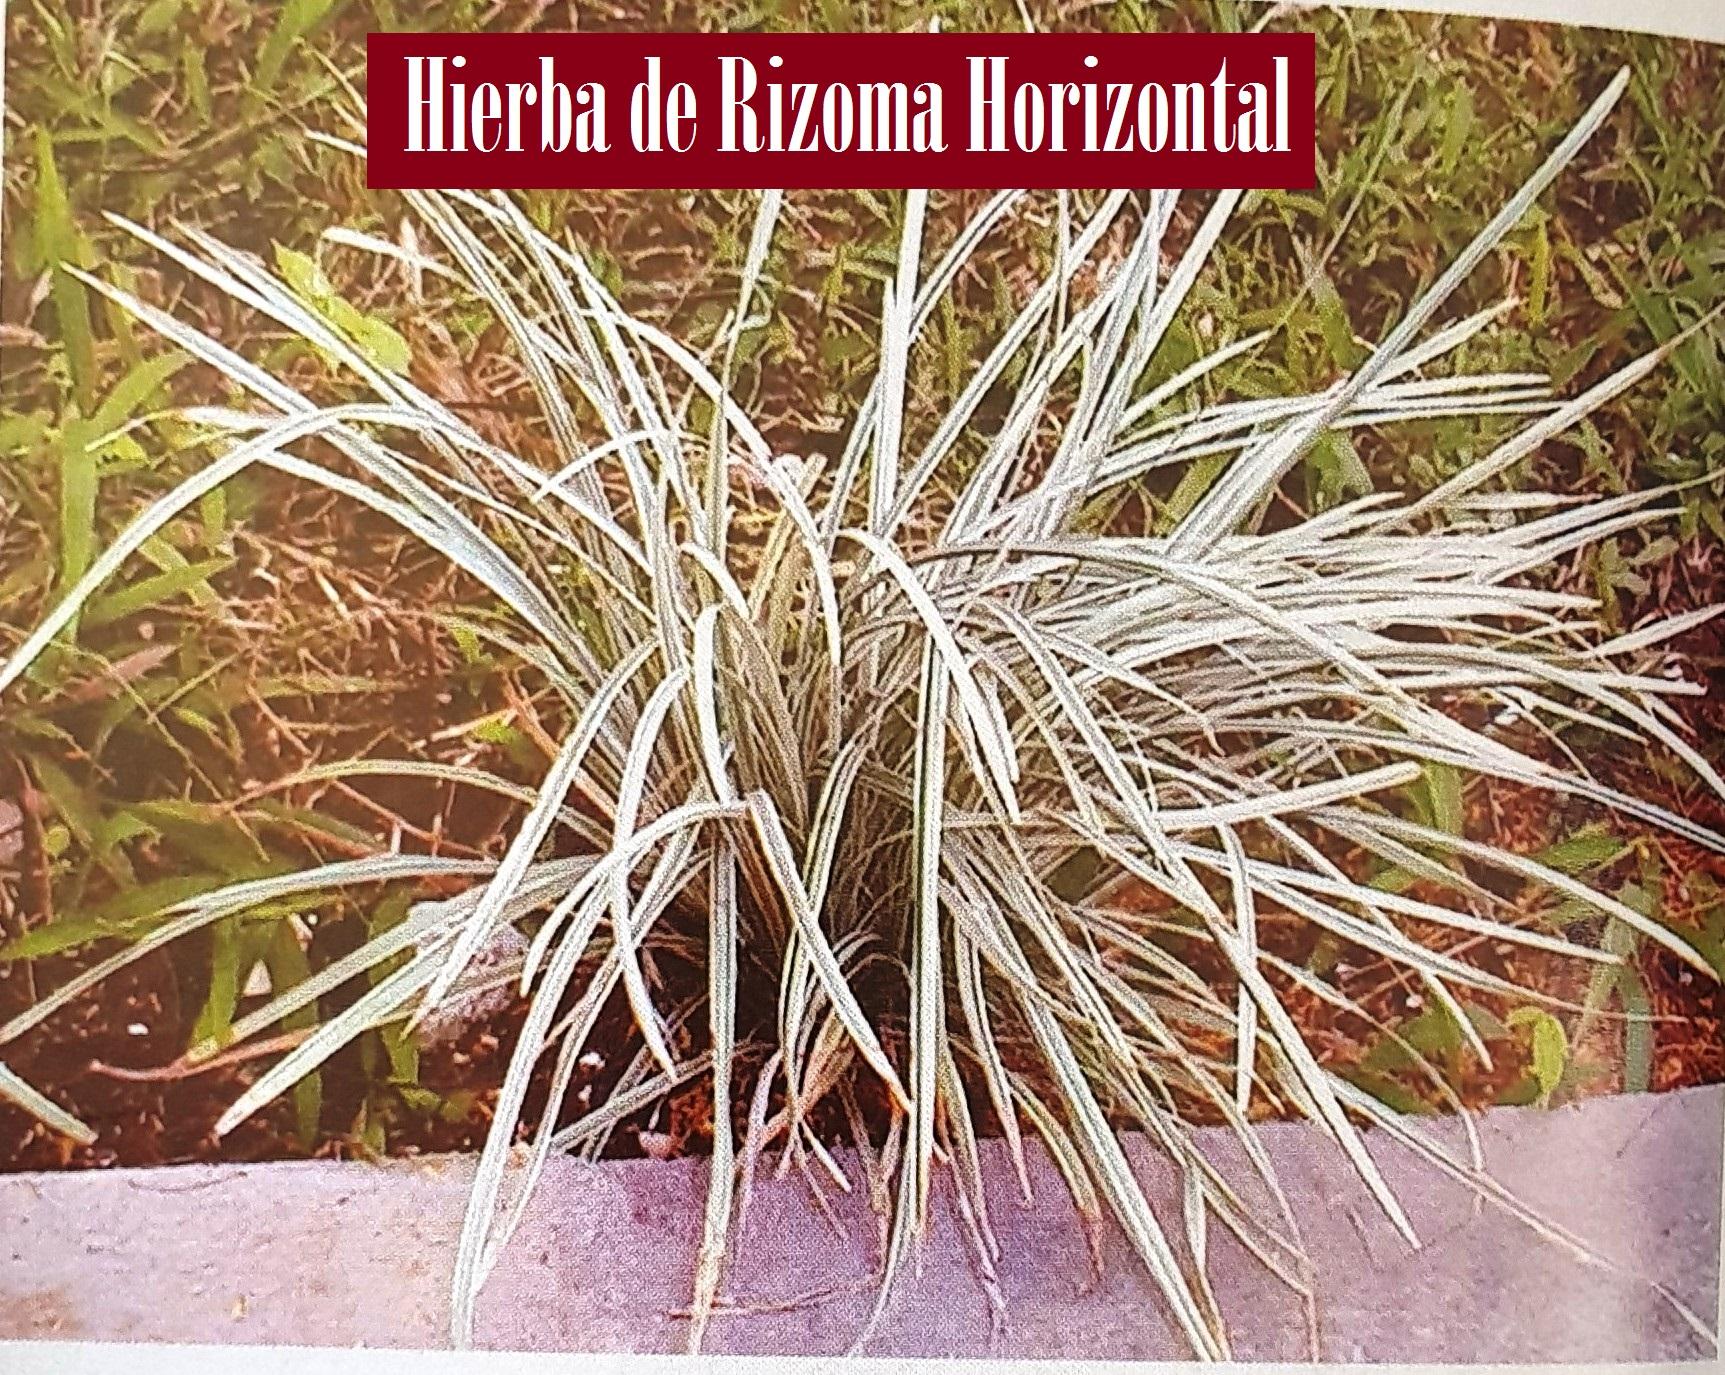 HIERBA DE RIZOMA HORIZONTAL